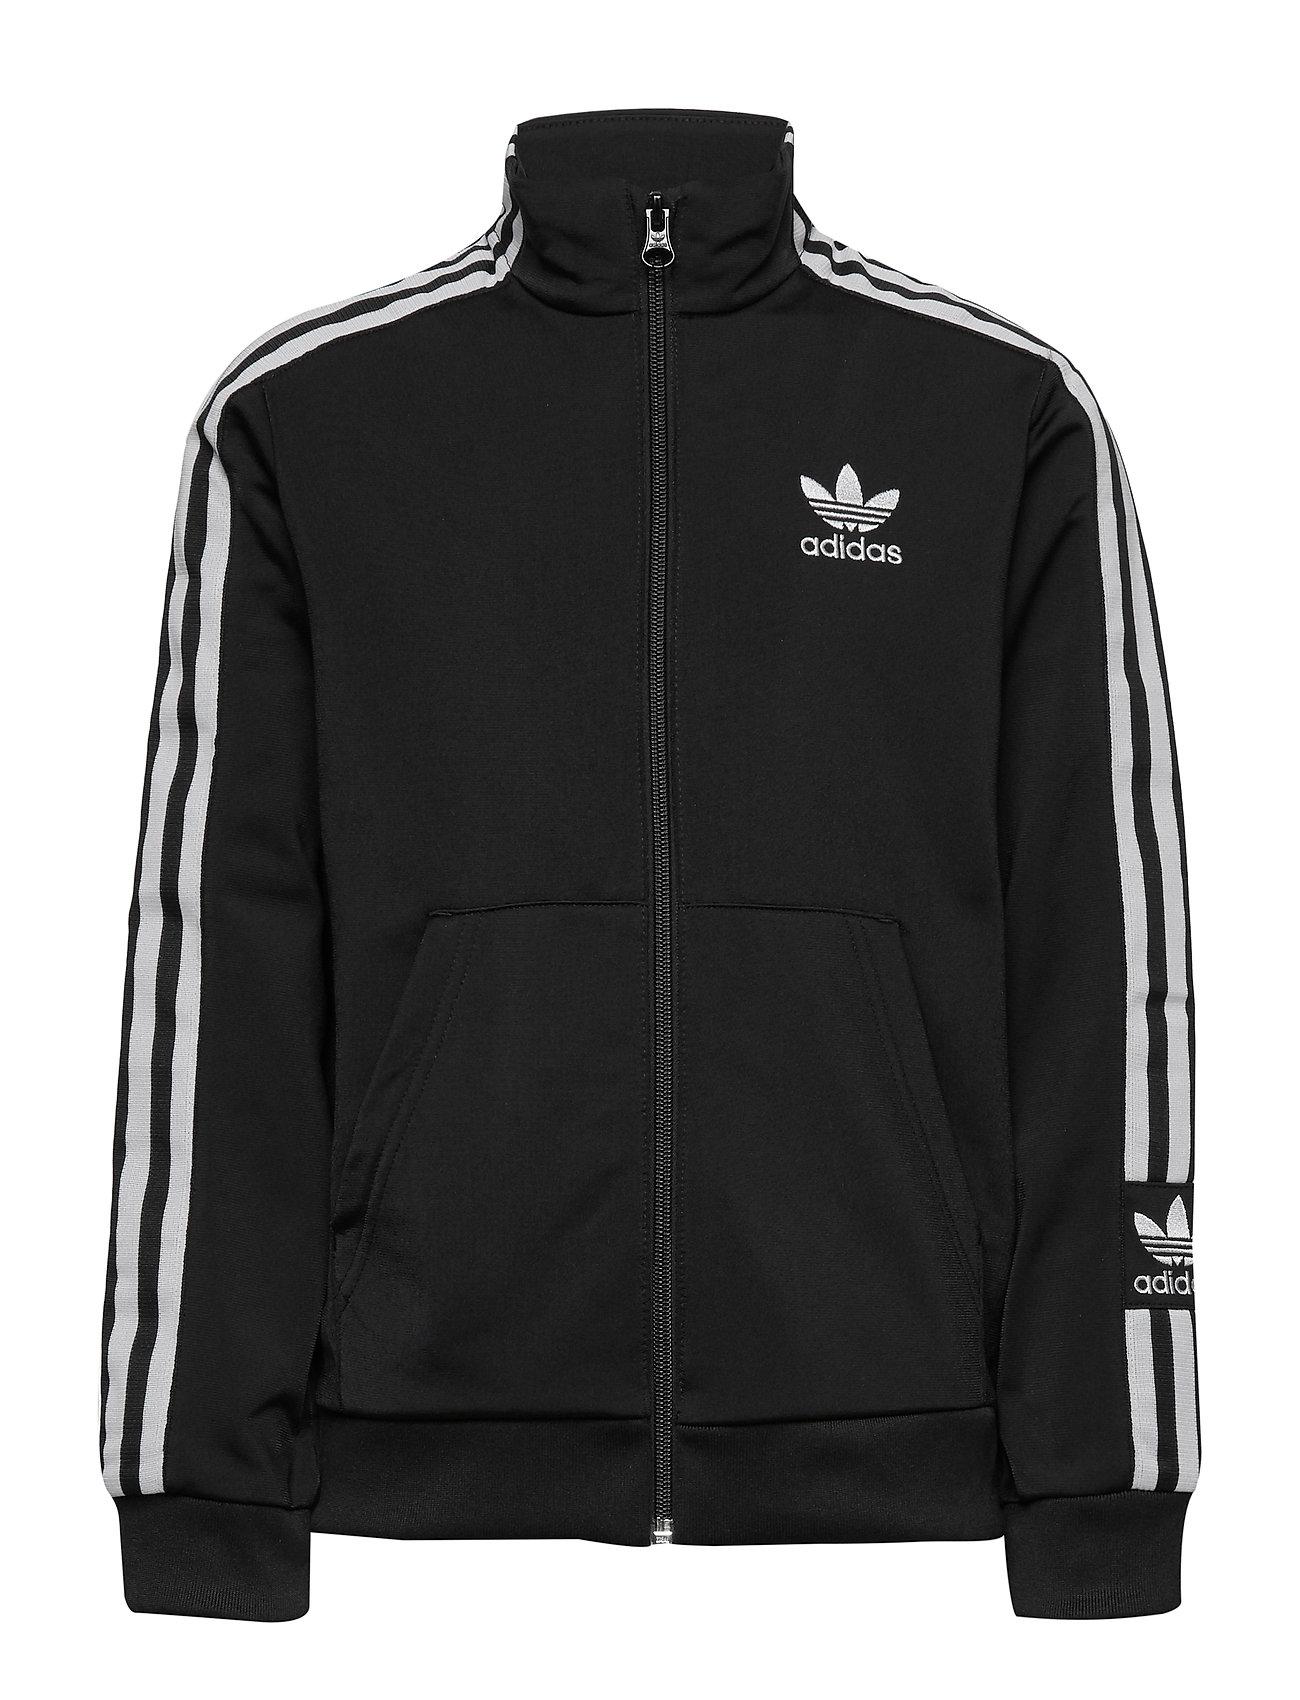 adidas Originals LOCK UP TT - BLACK/WHITE